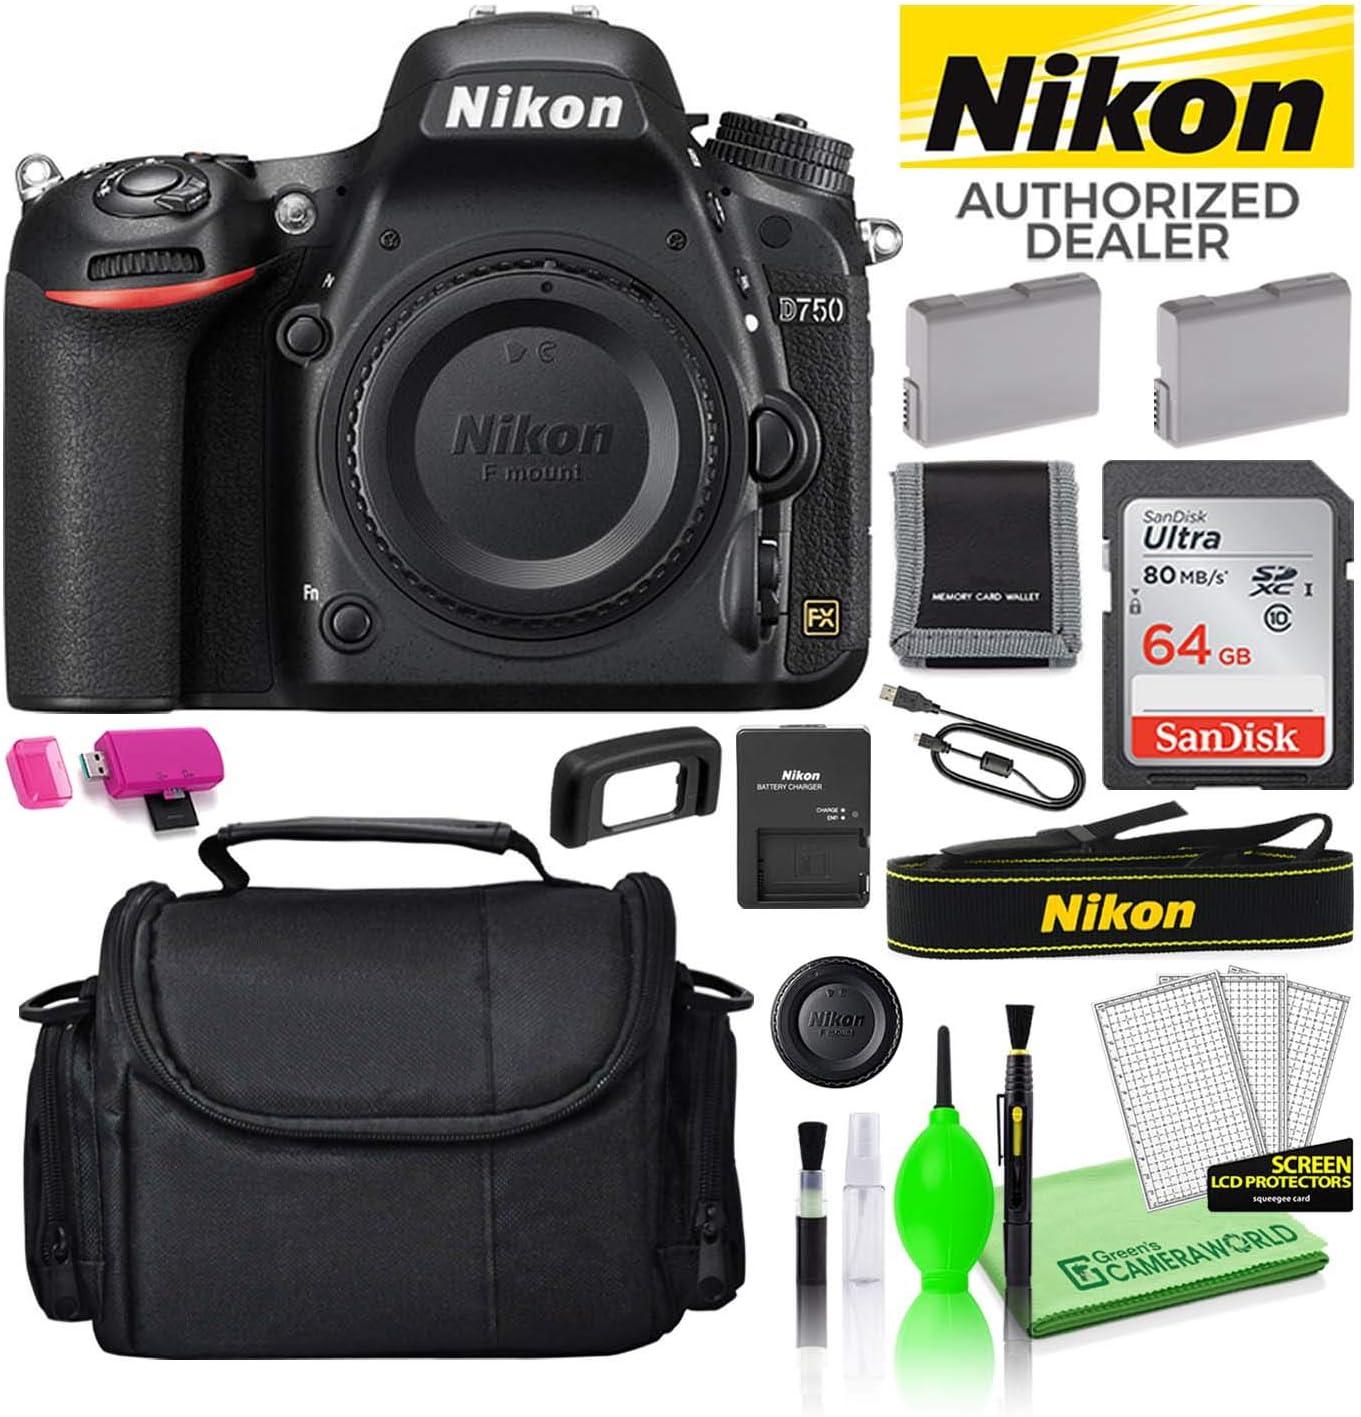 Nikon D750 24.3MP DSLR Digital Camera (Body Only) (1543) USA Model Deluxe Bundle Kit -Includes- Sandisk 64GB SD Card + Large Camera Gadget Bag + Spare EN-EL15 Battery + Camera Cleaning Kit + More